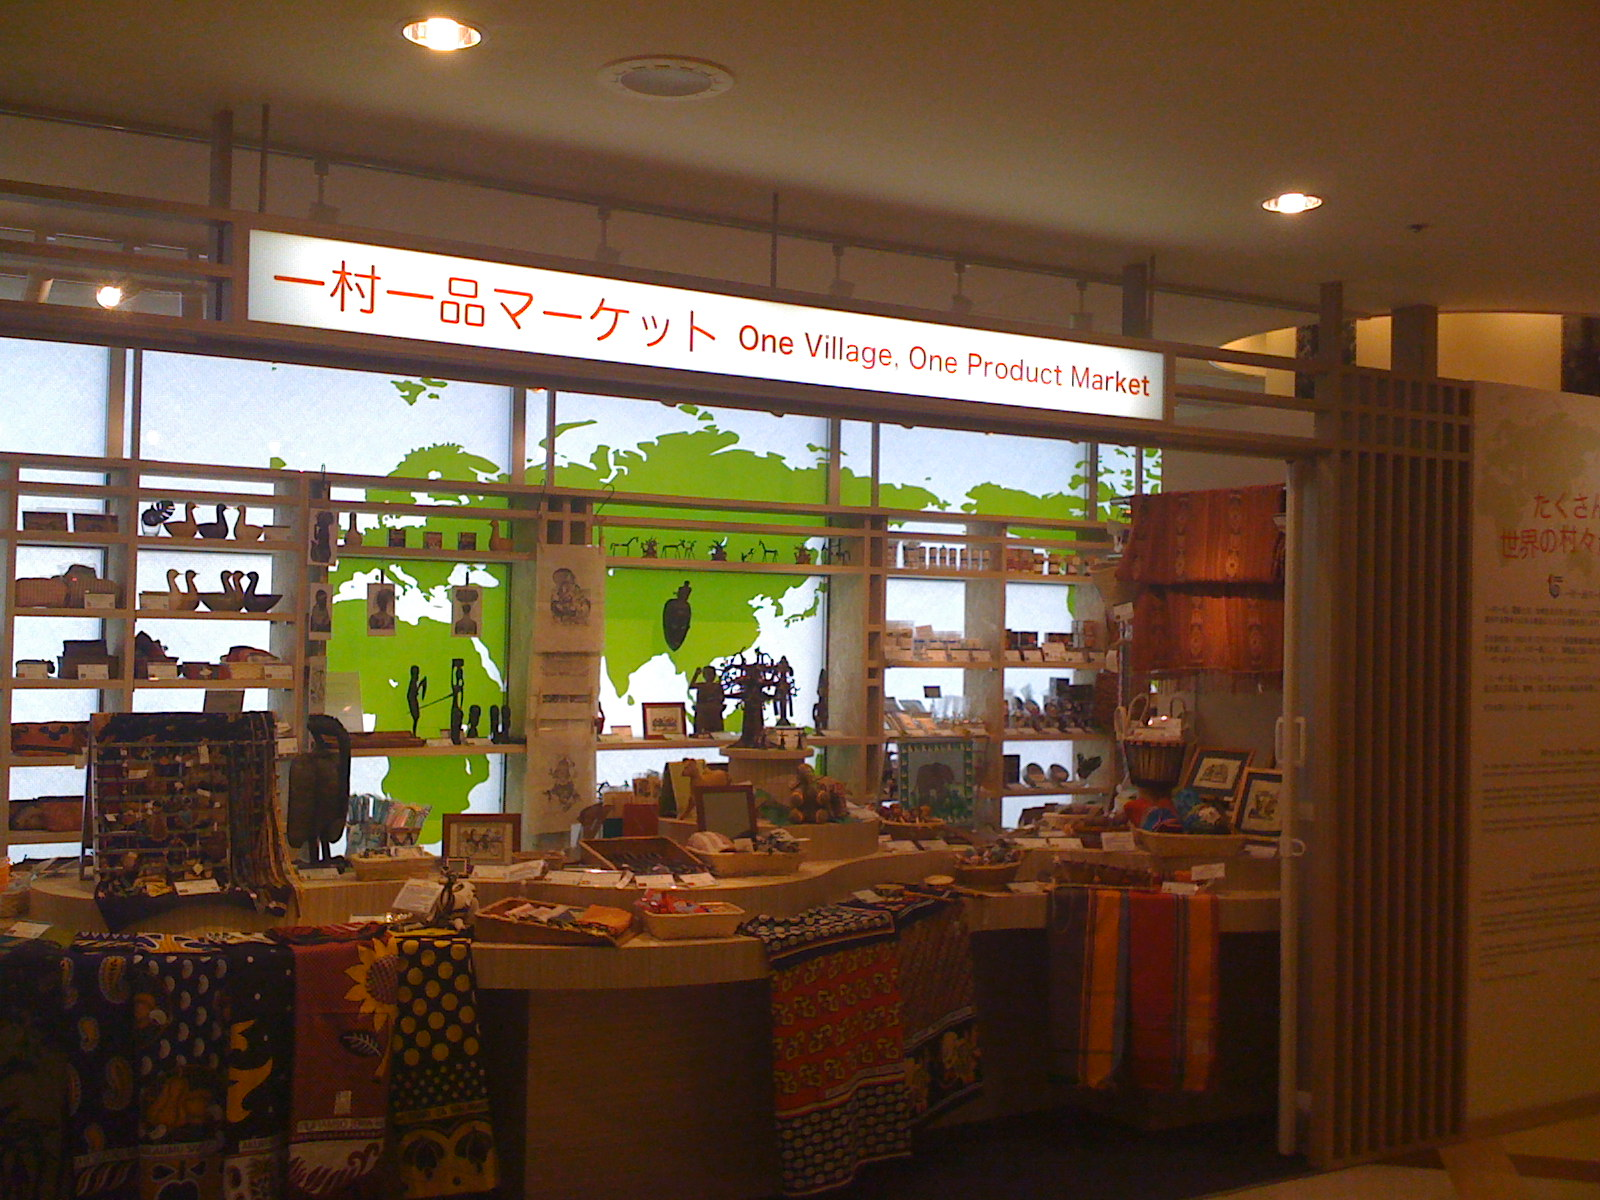 成田国際空港 JETRO 主催「一村一品マーケット」_c0199460_12344550.jpg